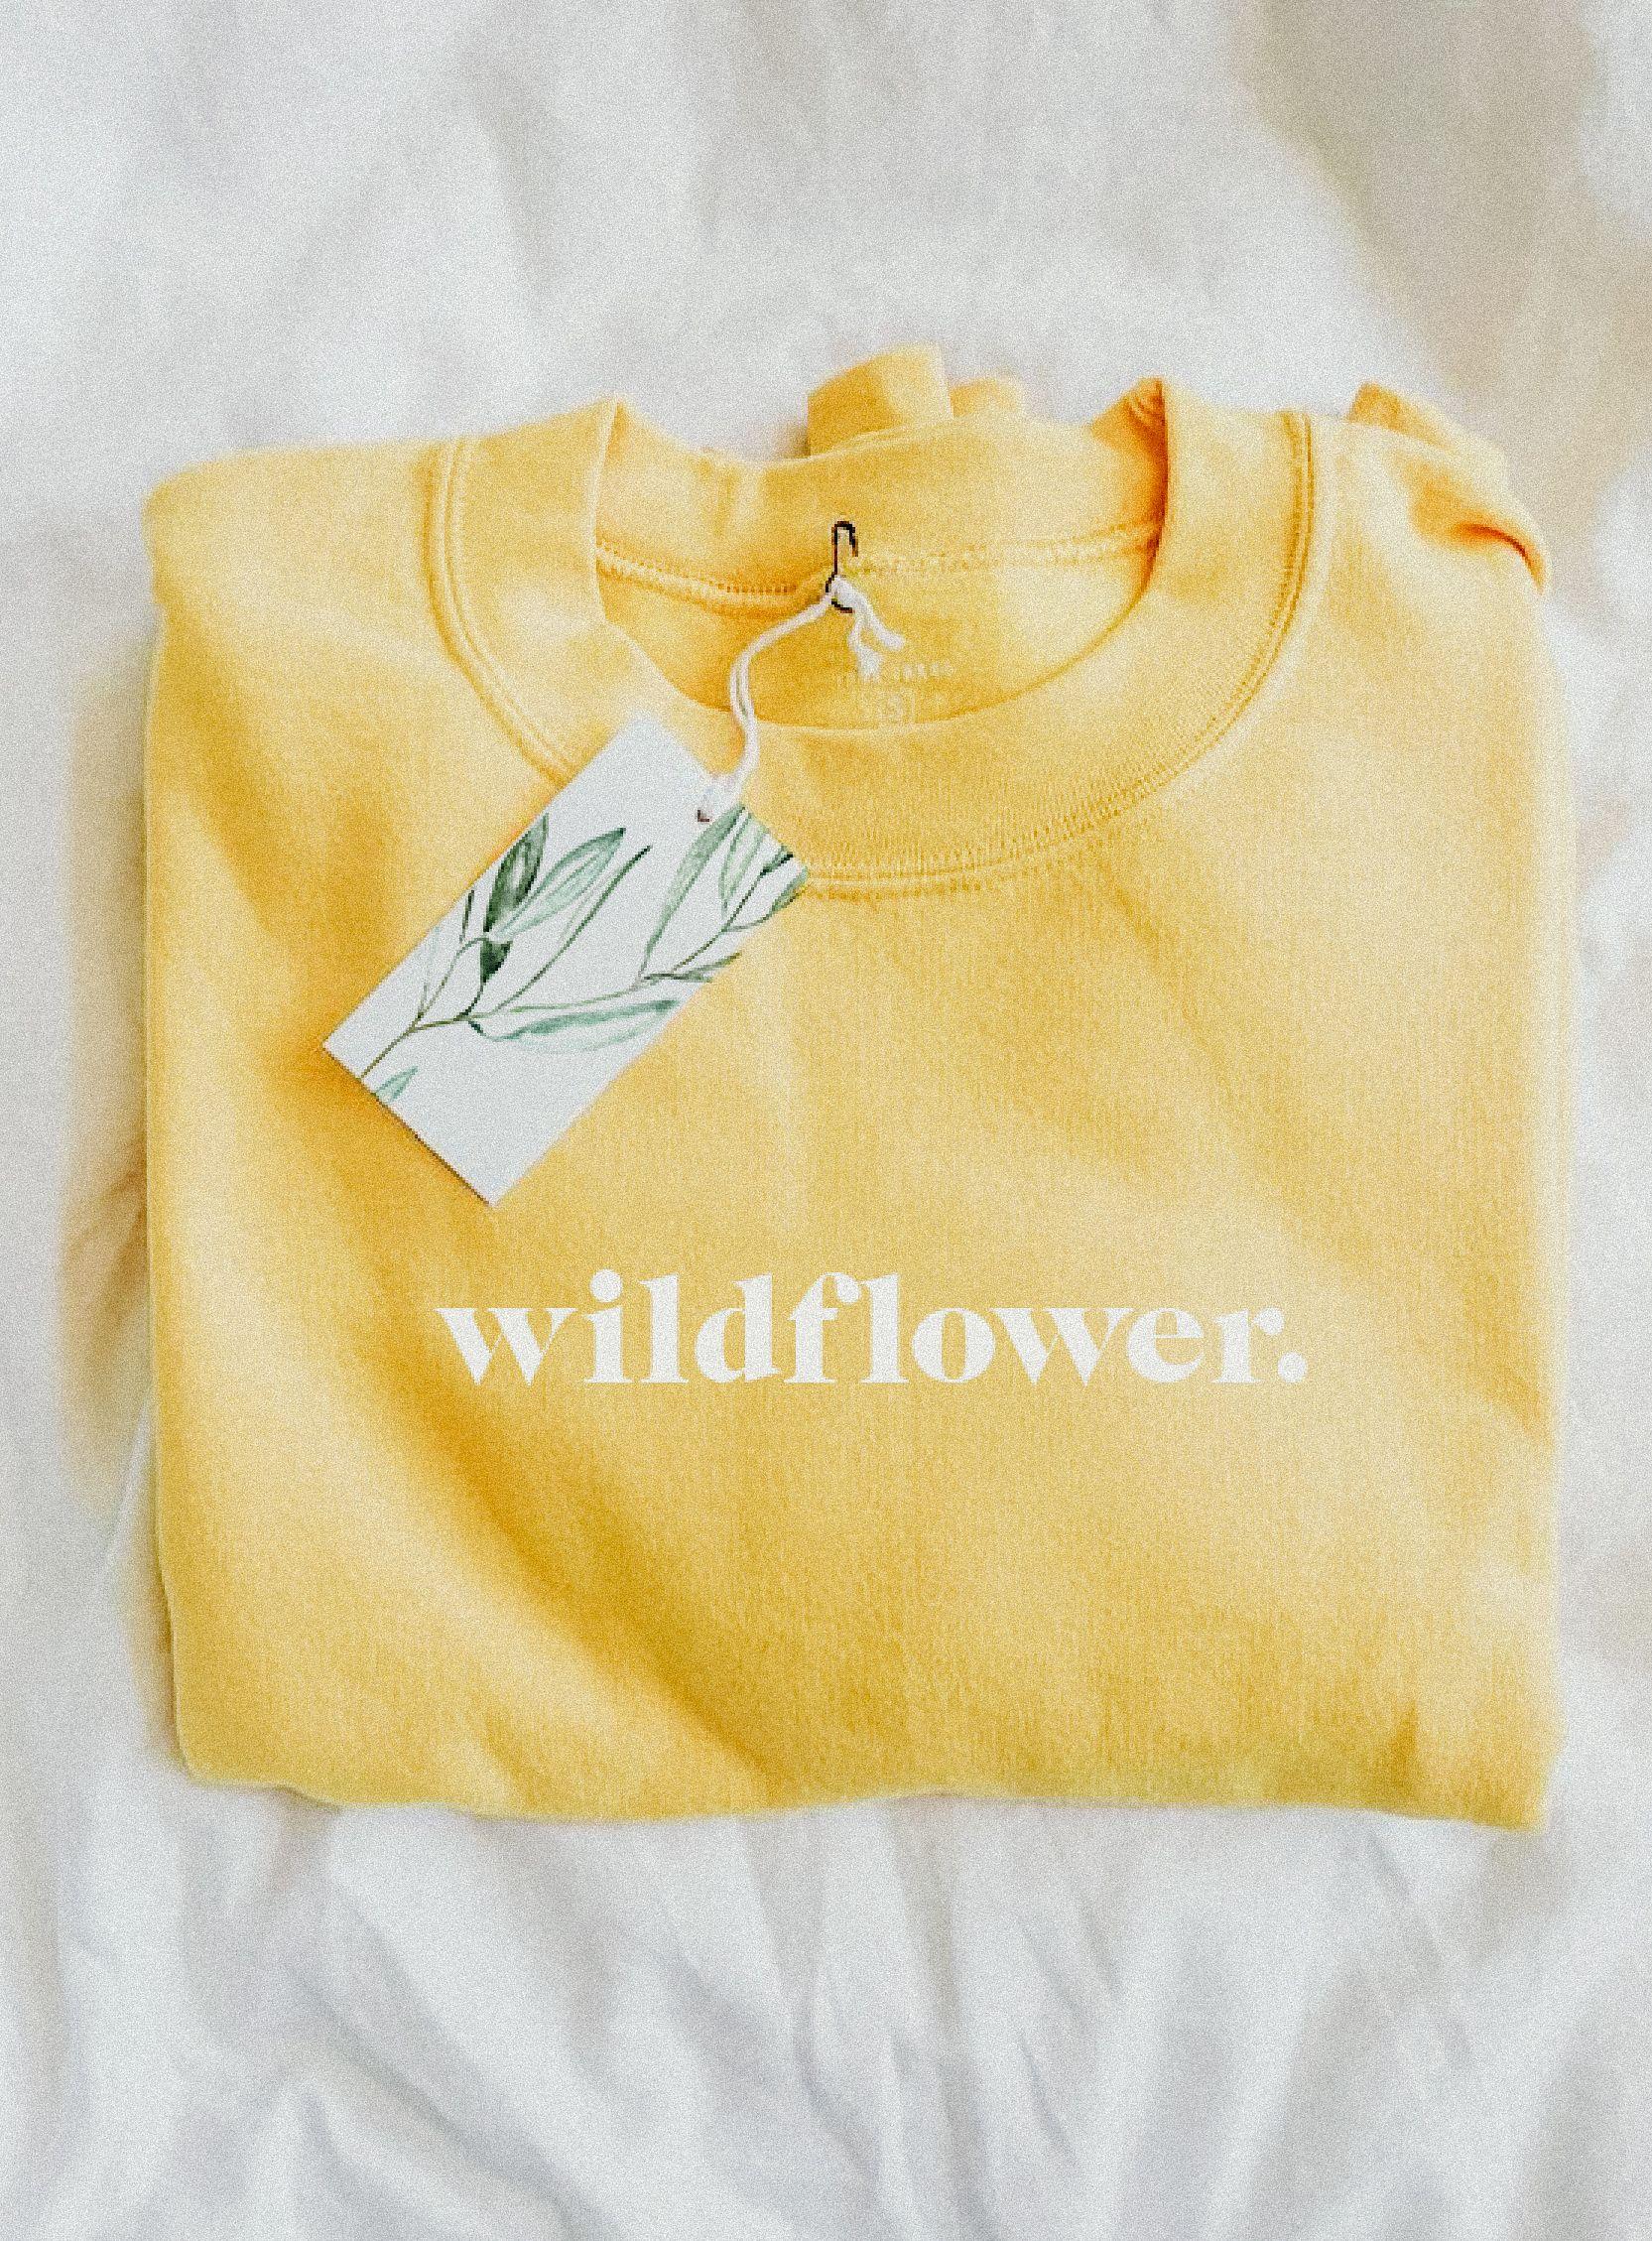 Wildflower Crewneck AtbgrxSyw